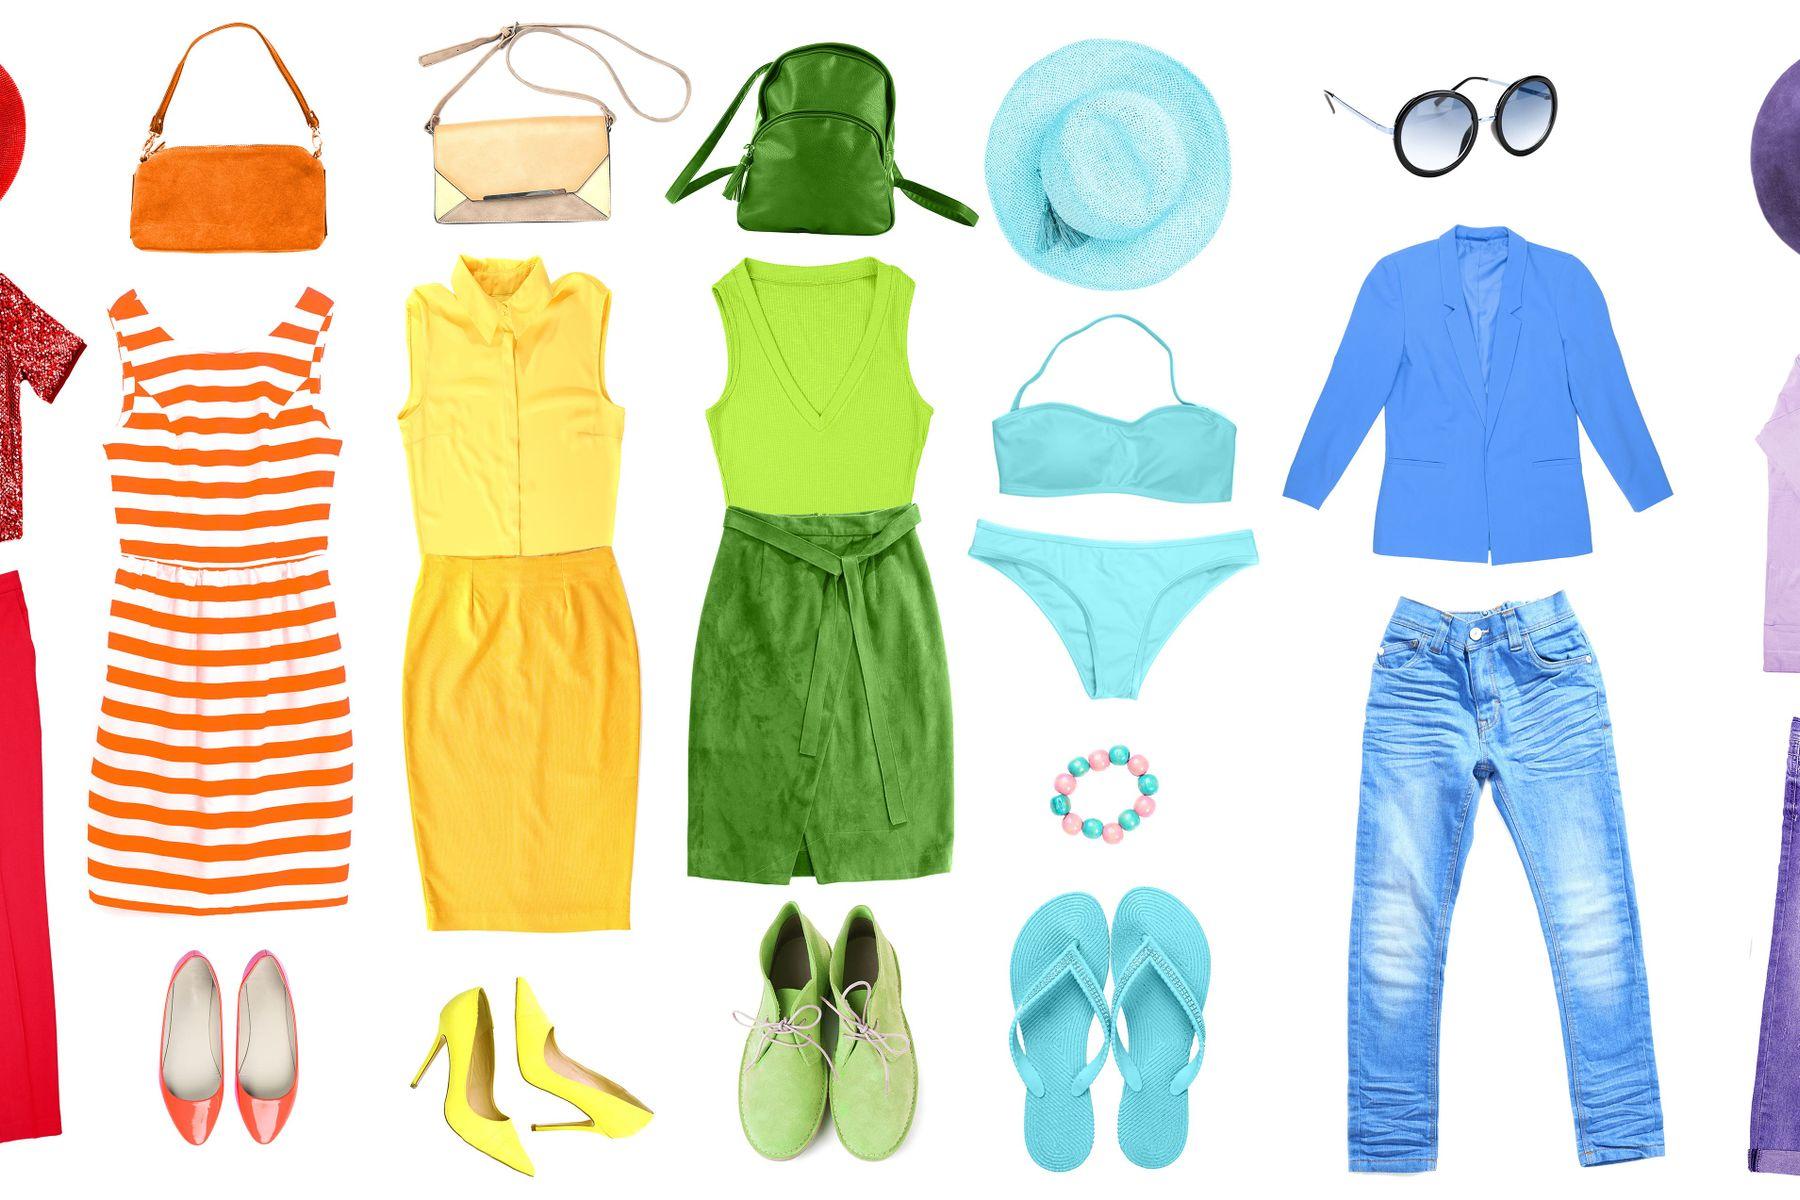 Kleidung in jeder Farbe des Regenbogens